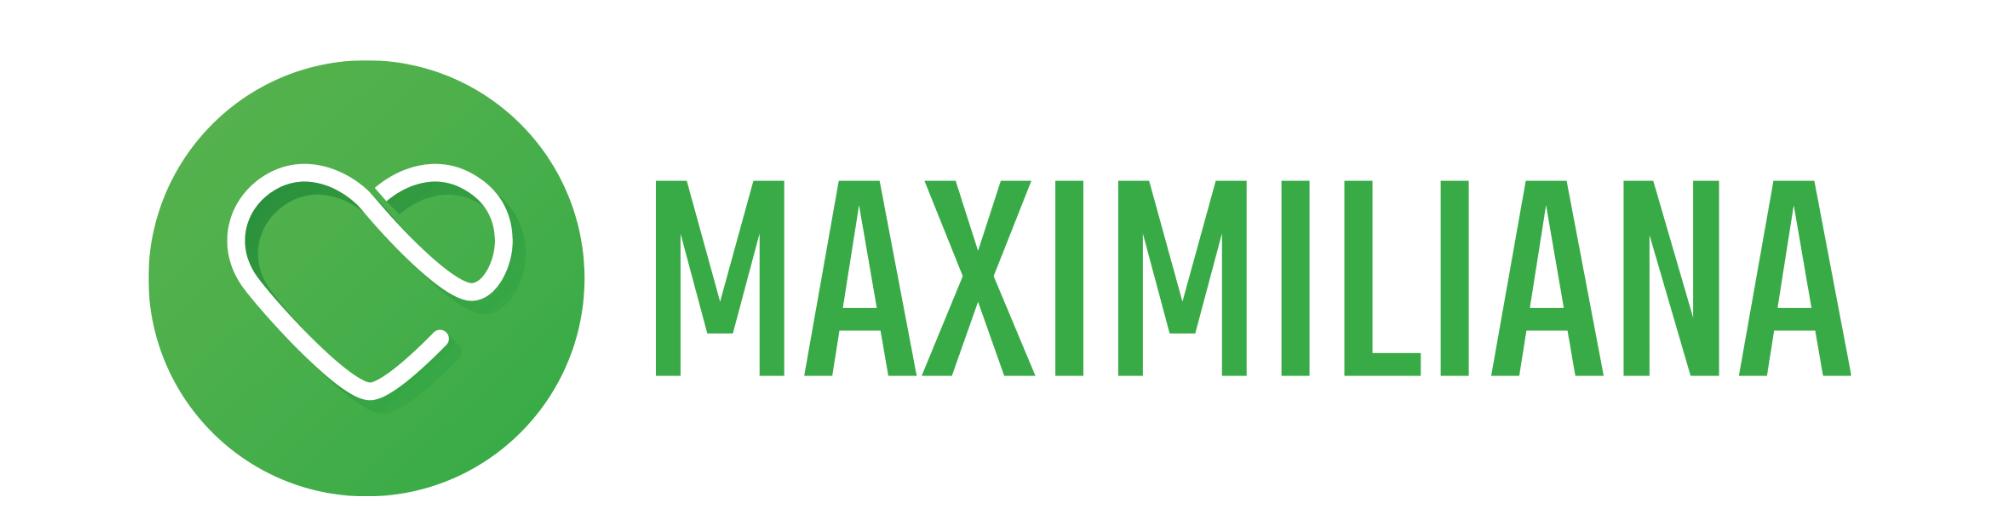 Maximiliana